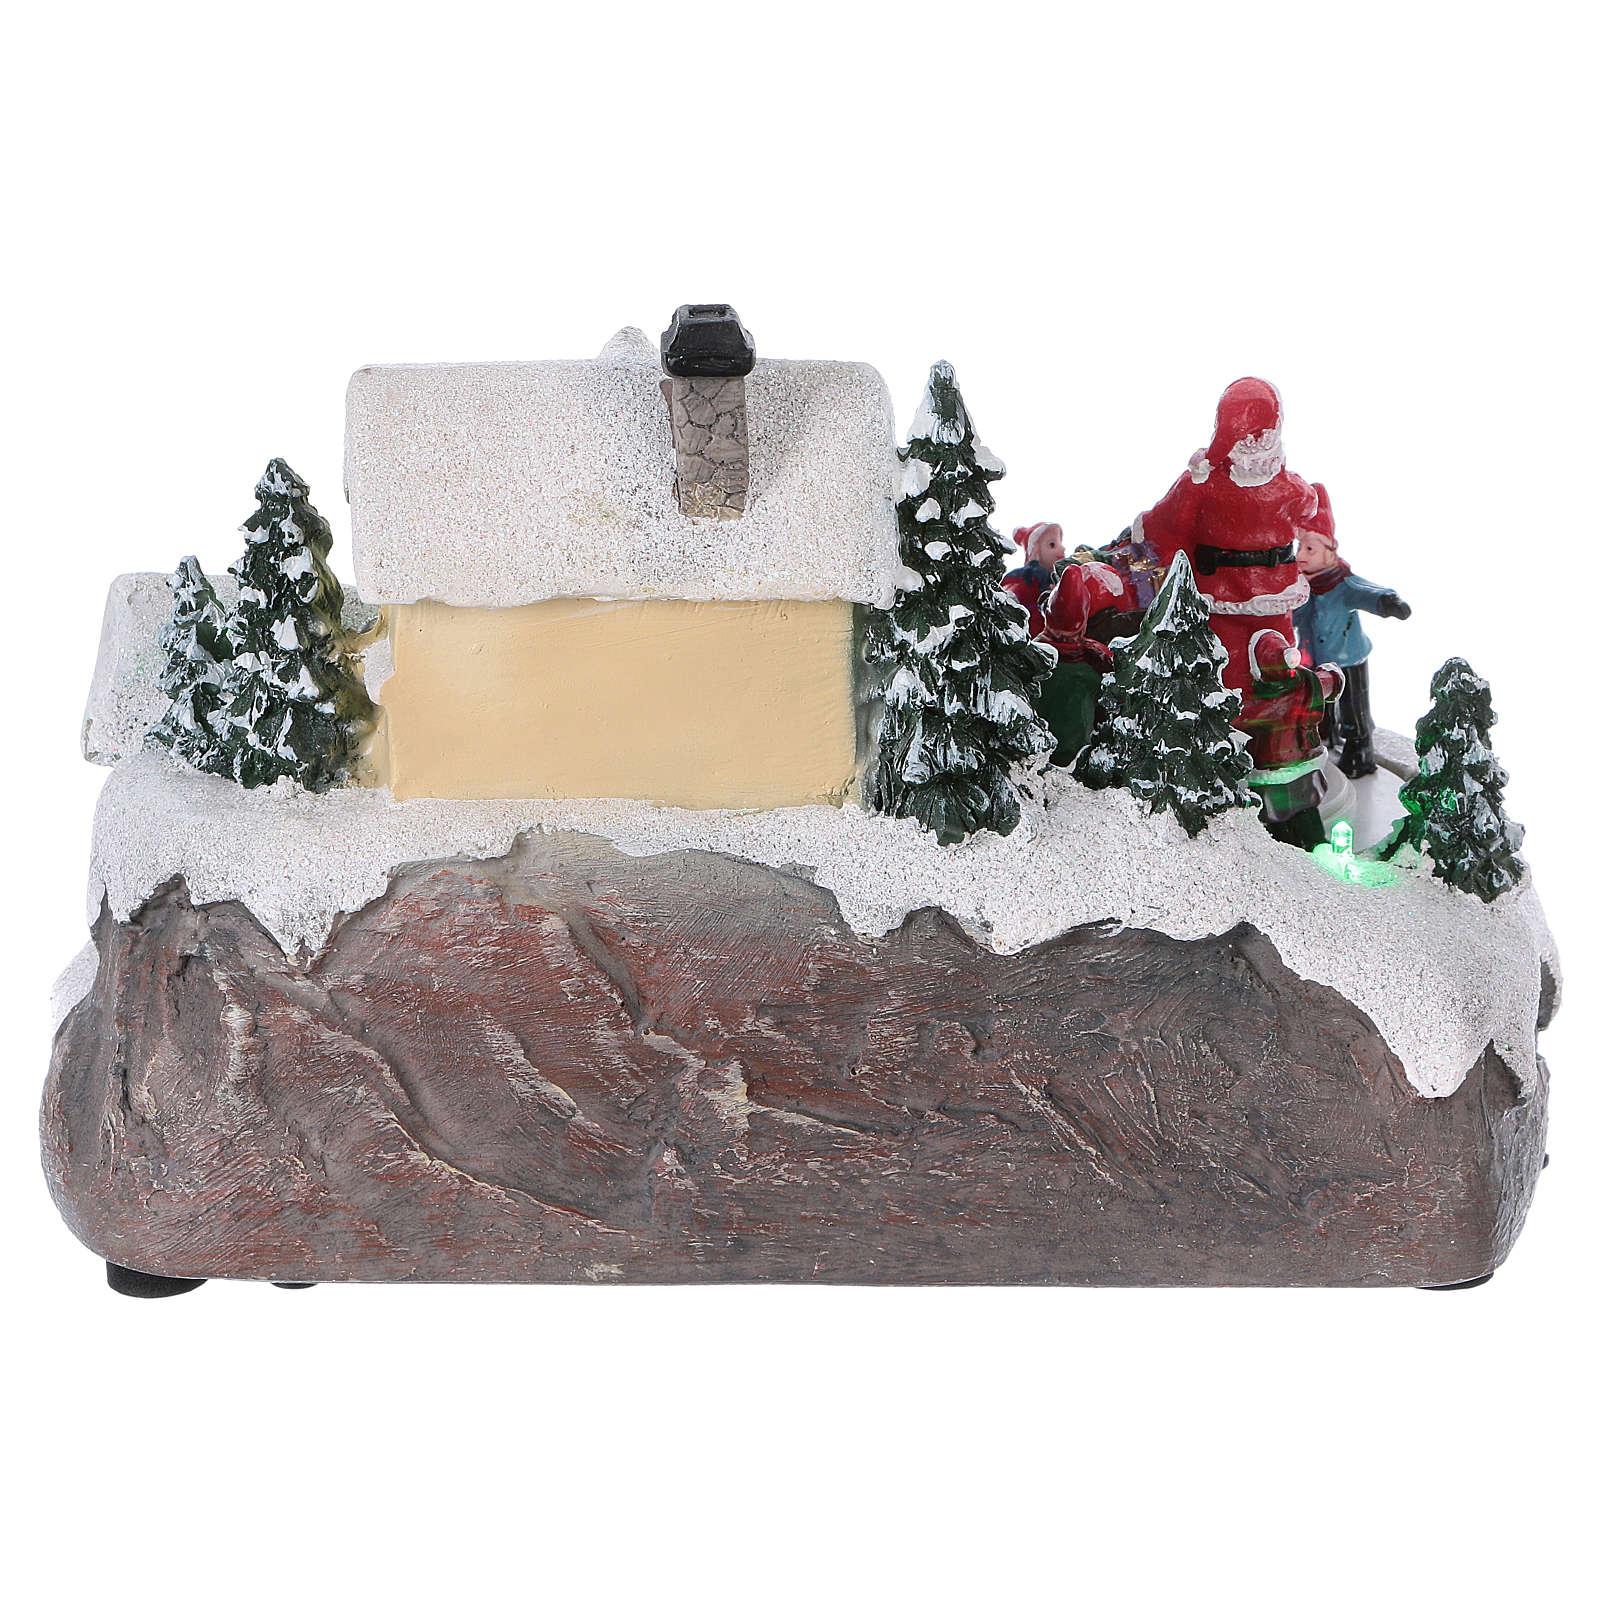 Pueblo navideño 15x20x15 cm luces y movimiento batería 3